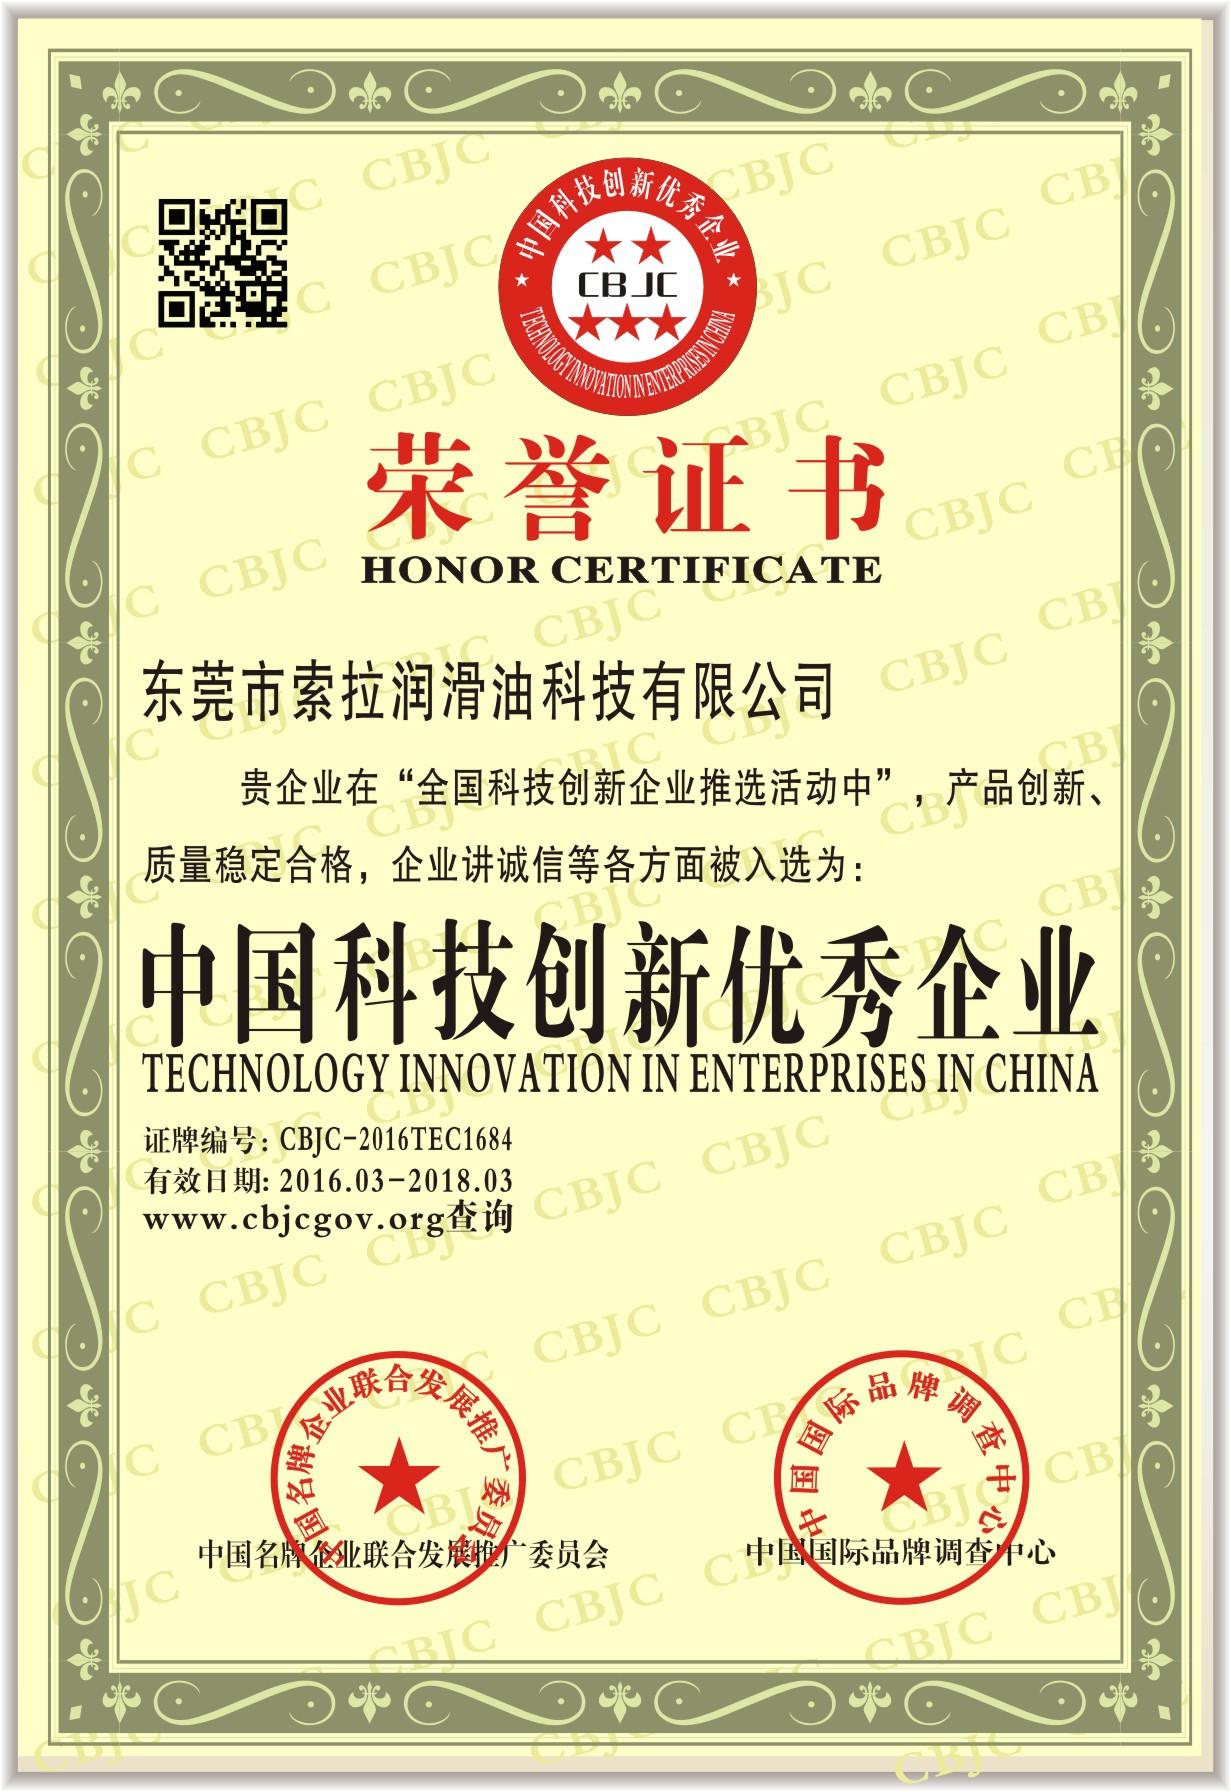 索拉润滑油荣获中国科技创新优秀企业荣誉称号